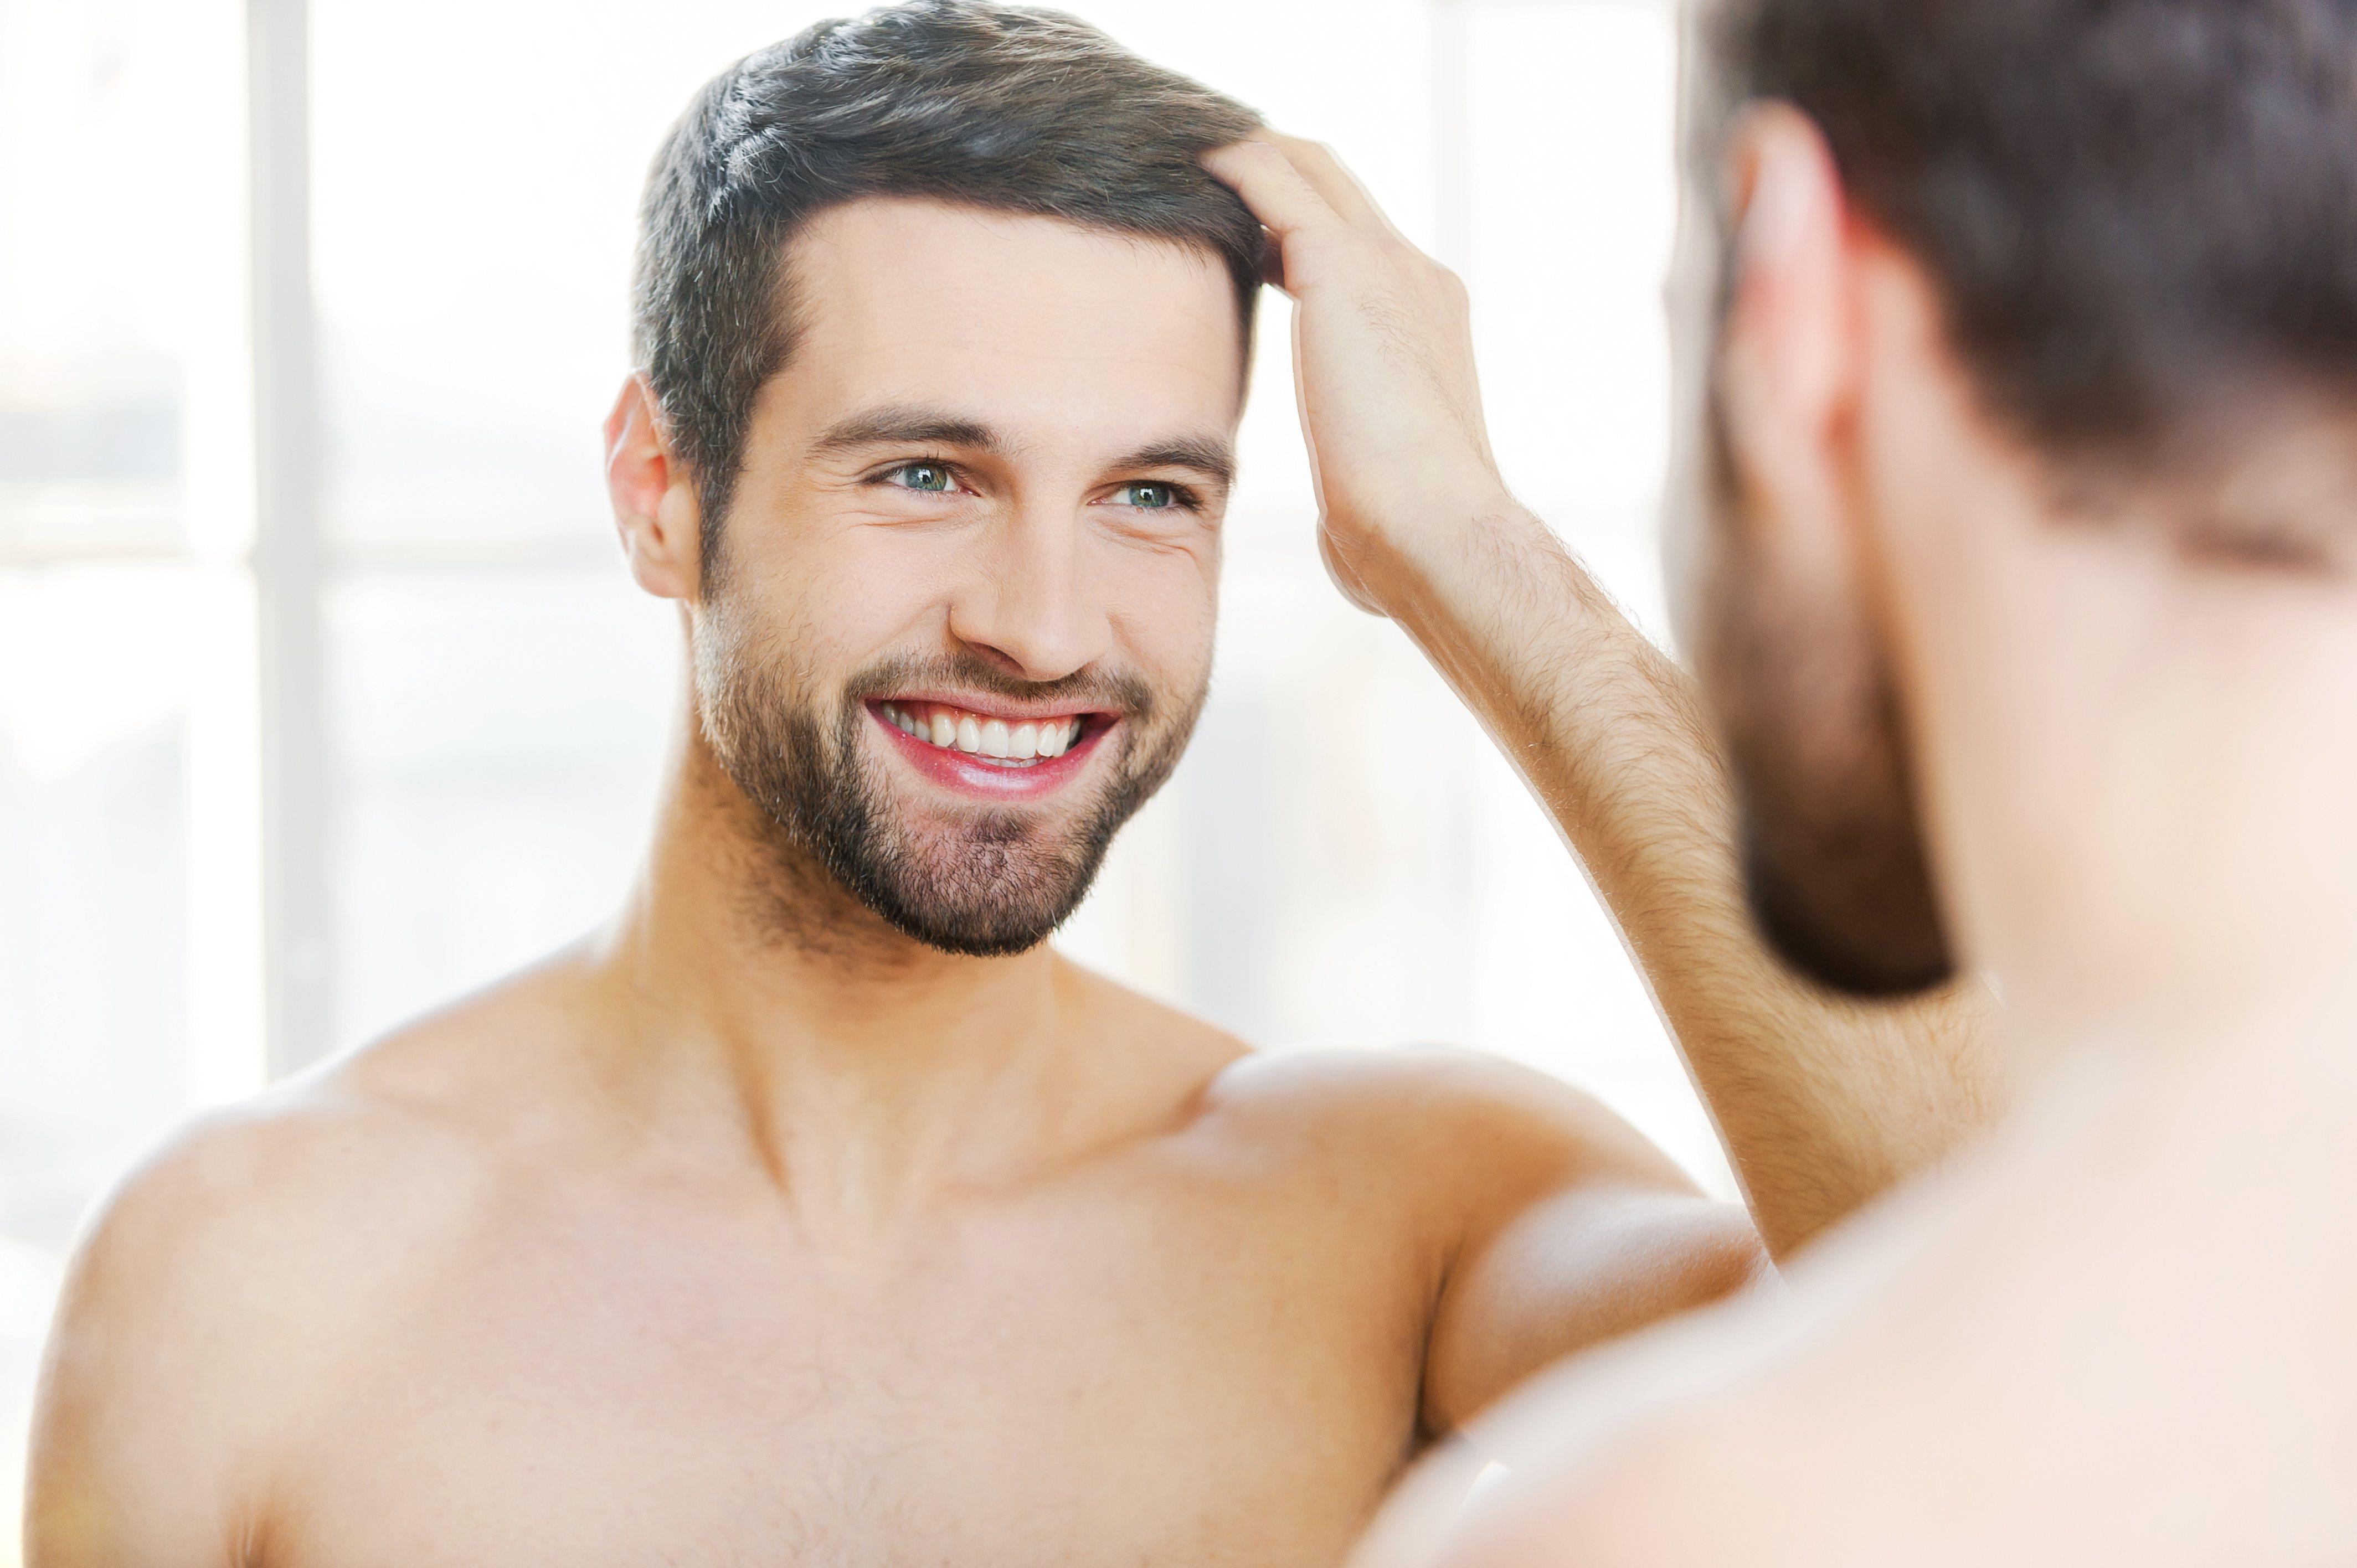 Cuida tu barba y recórtala siempre que sea necesario